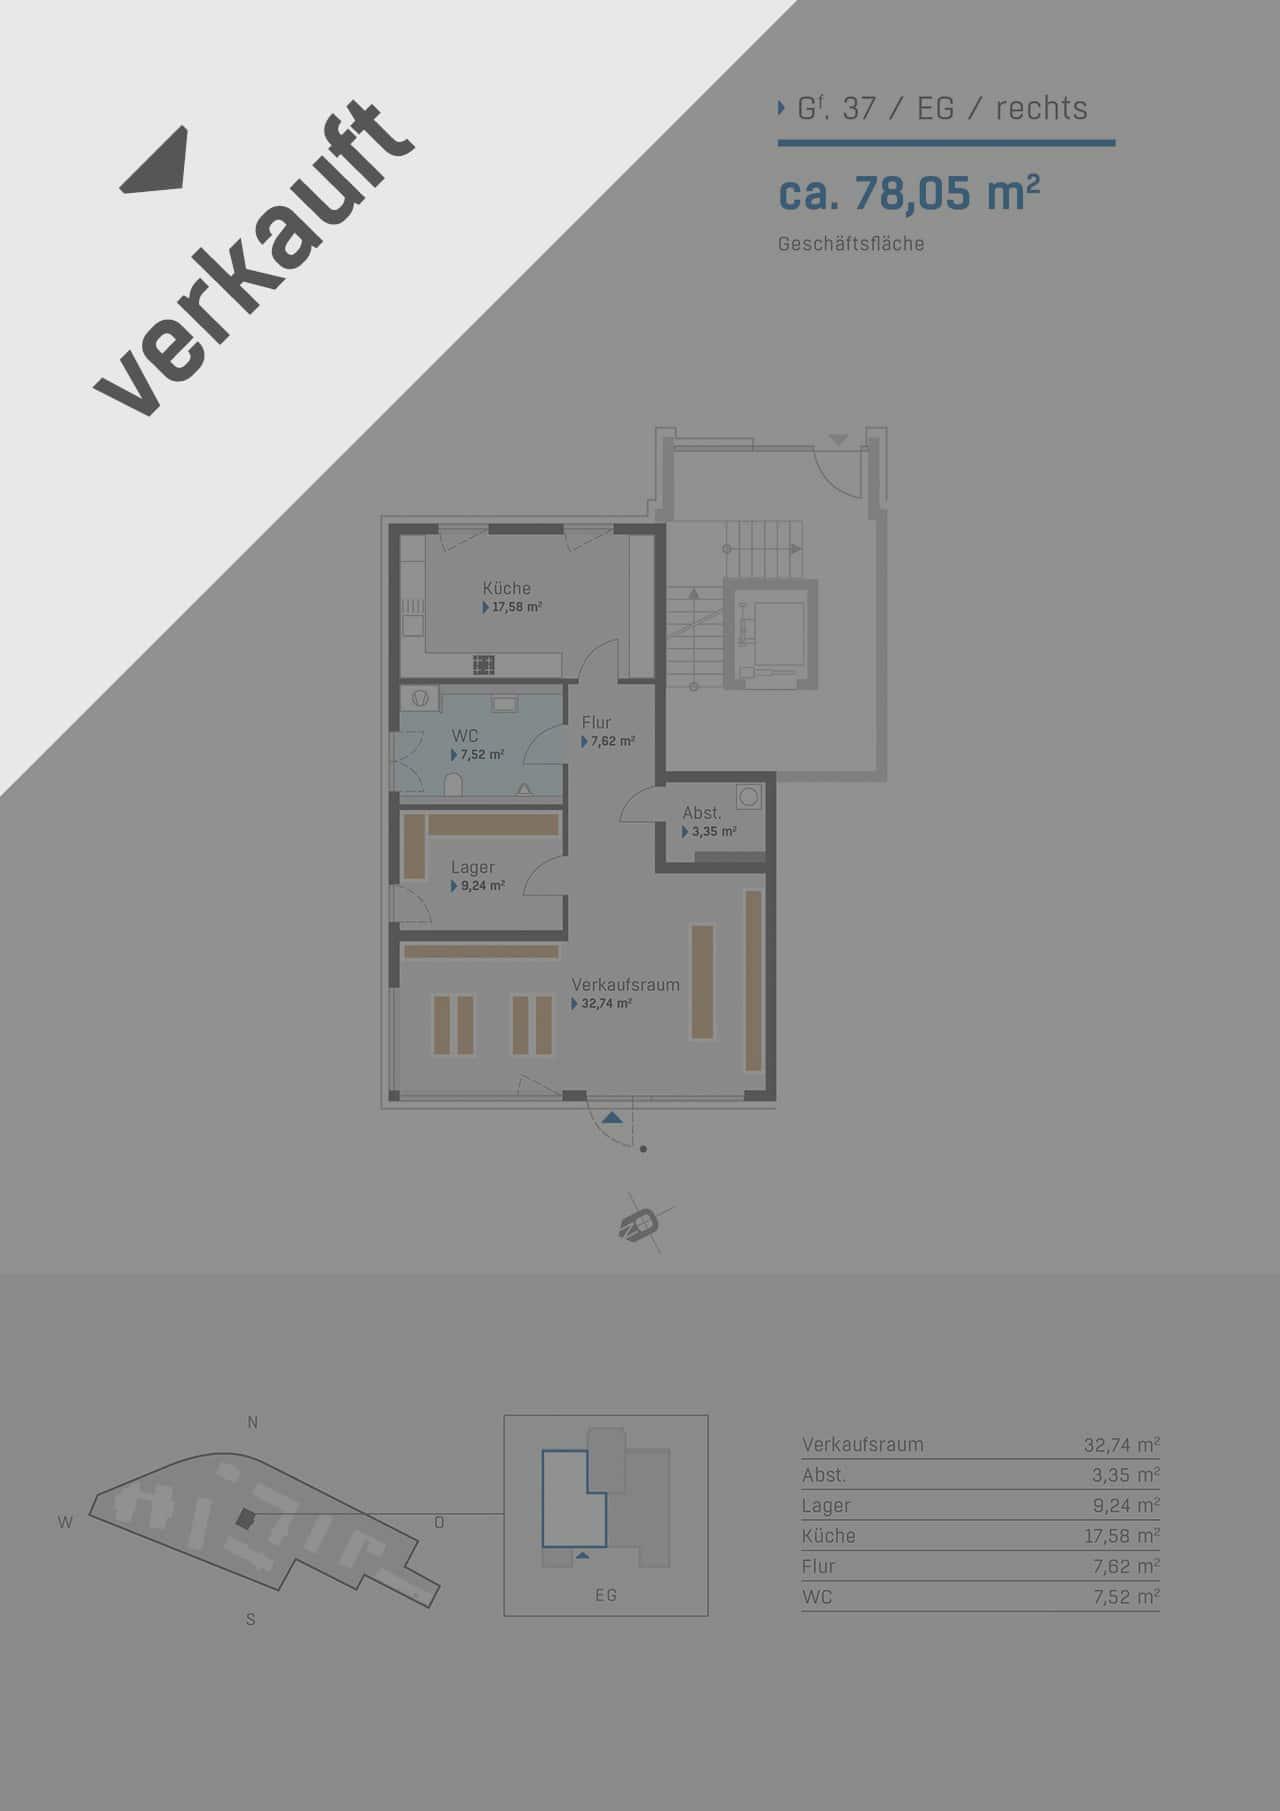 hugo49 Leben Haus2d Grundriss-Wo-37-EG Rechts verkauft